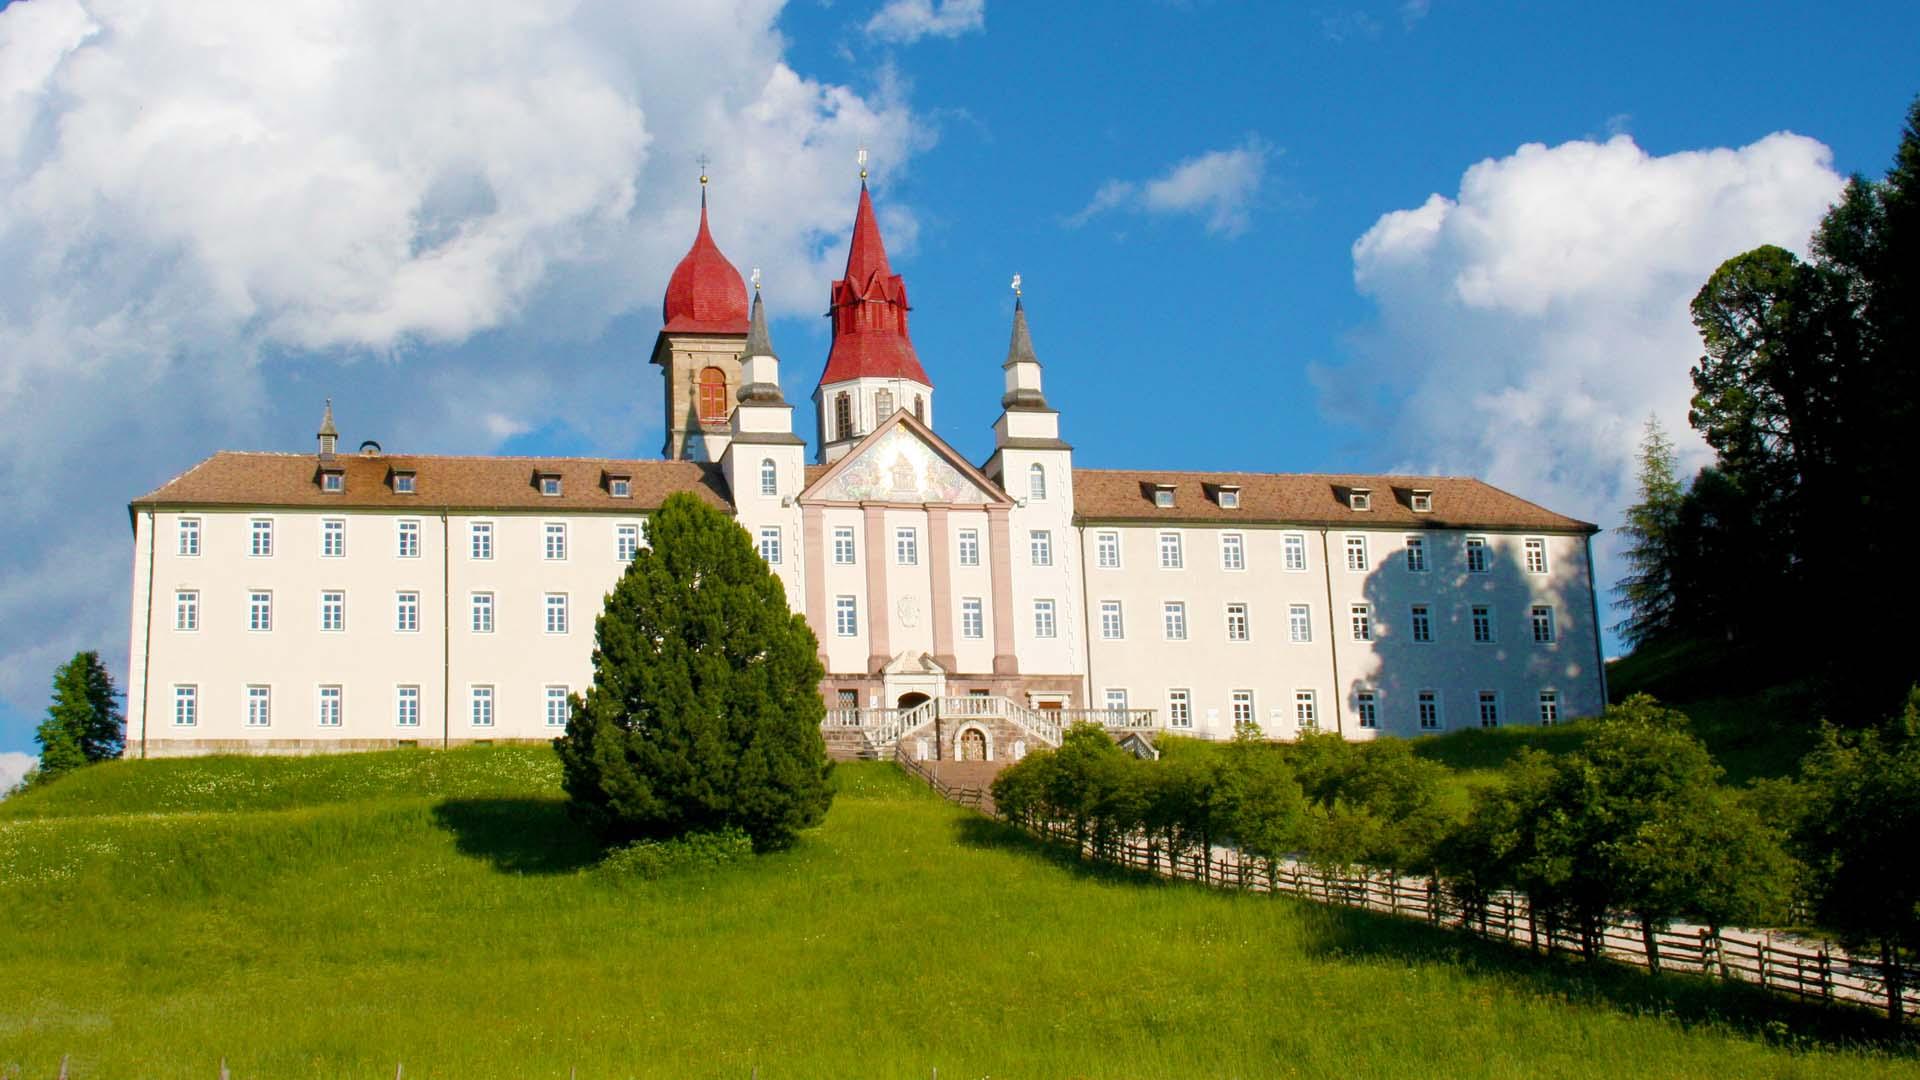 Kloster Weißenstein